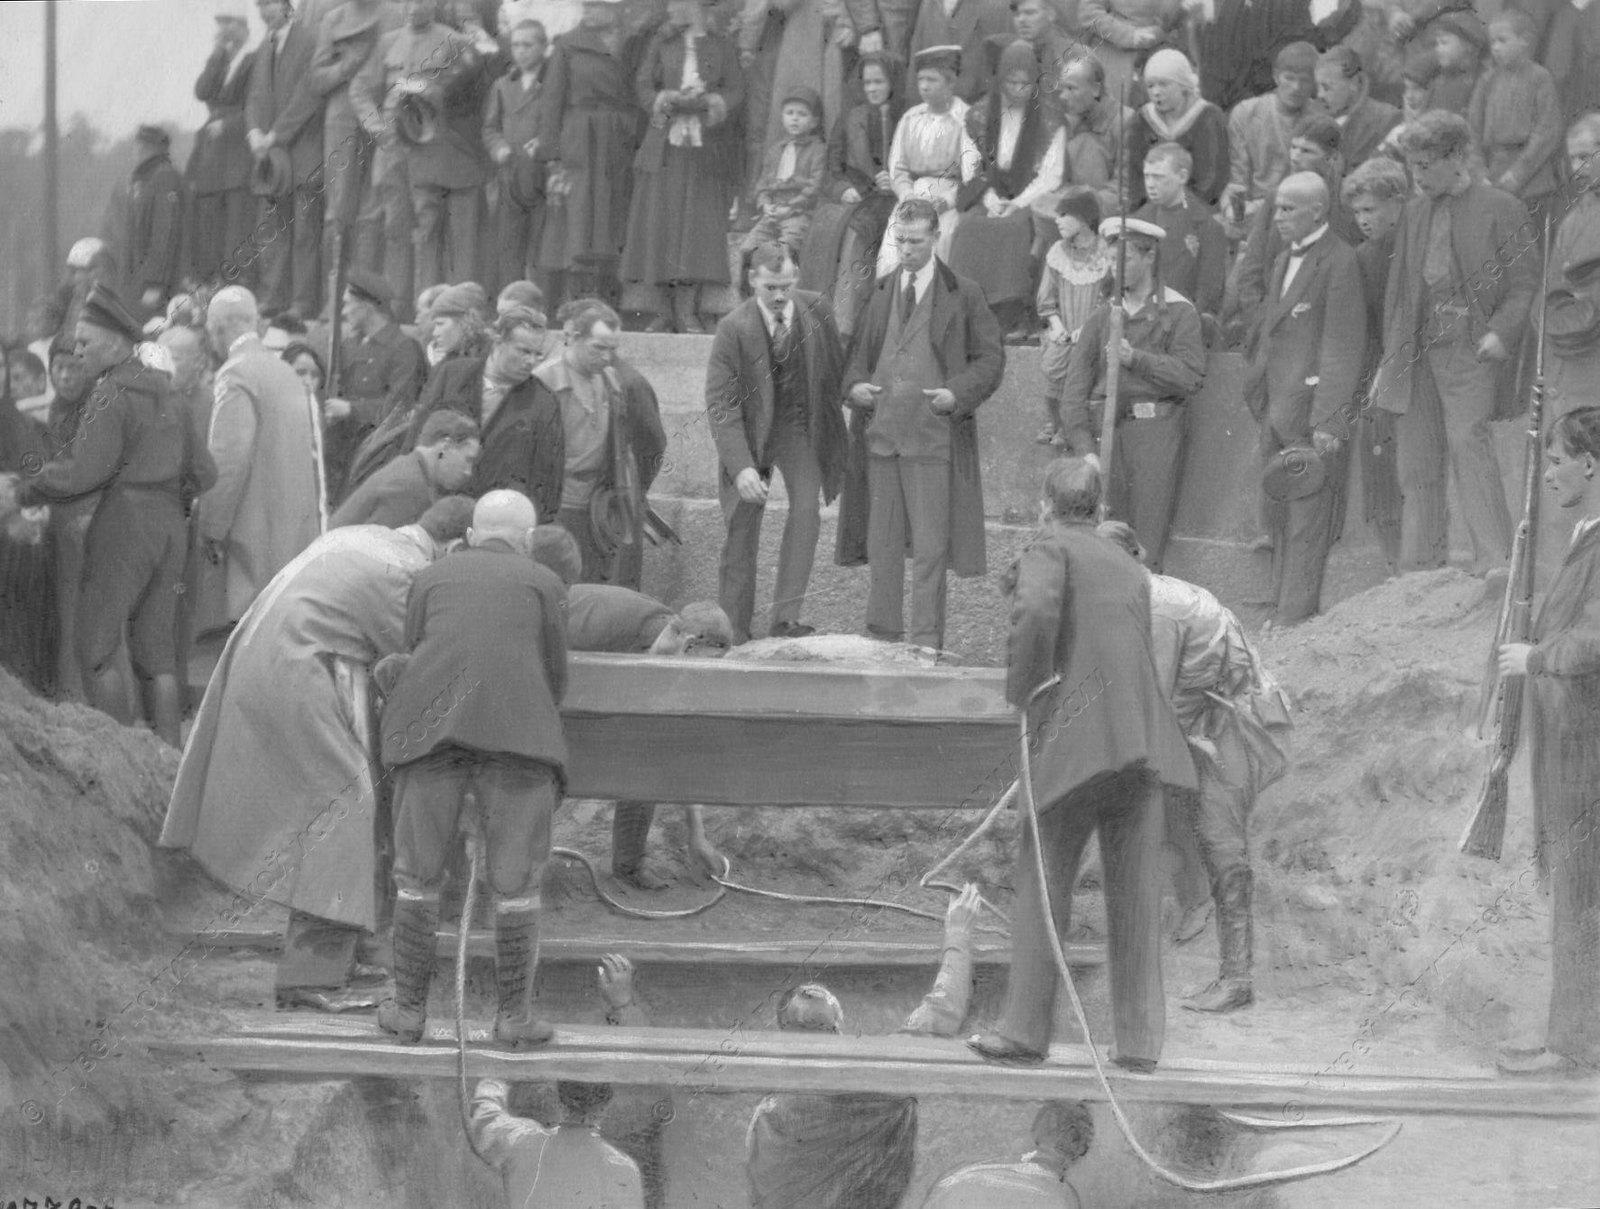 1919. Похороны красноармейцев и моряков, погибших в боях с бандами Юденича на подступах и Петрограду.